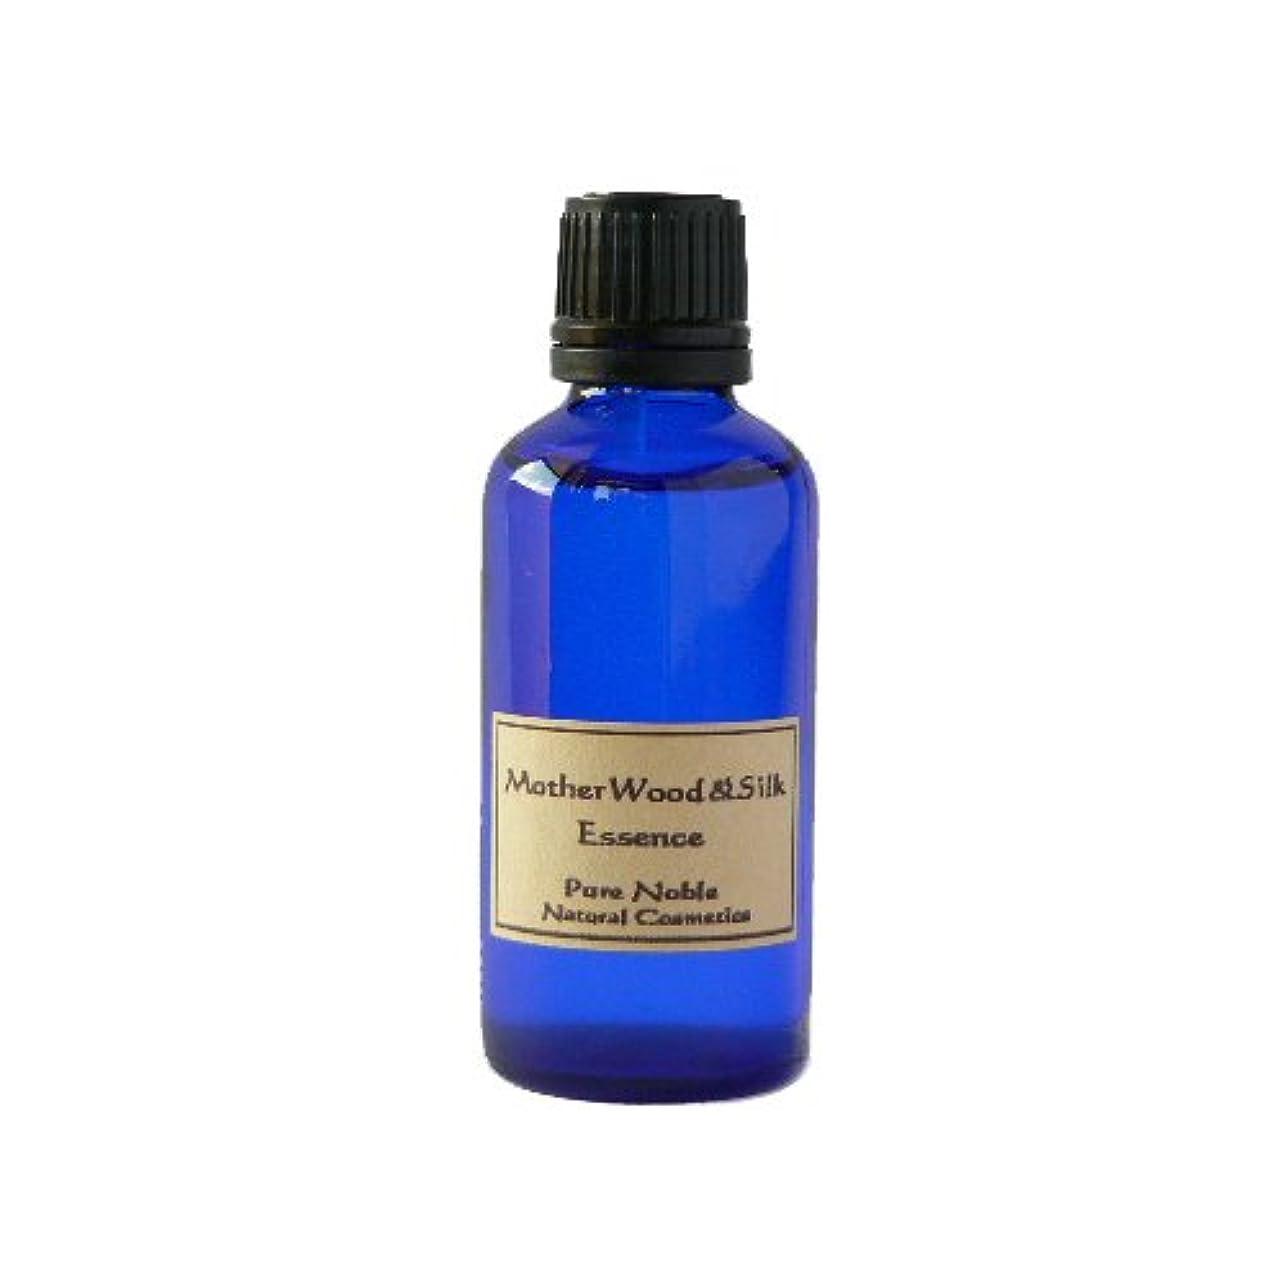 ハウジング悪意のある幸運植物性コラーゲンたっぷり!白樺樹液と有機ハーブの無添加美容液 マザーウッド&シルクエッセンス 50ml